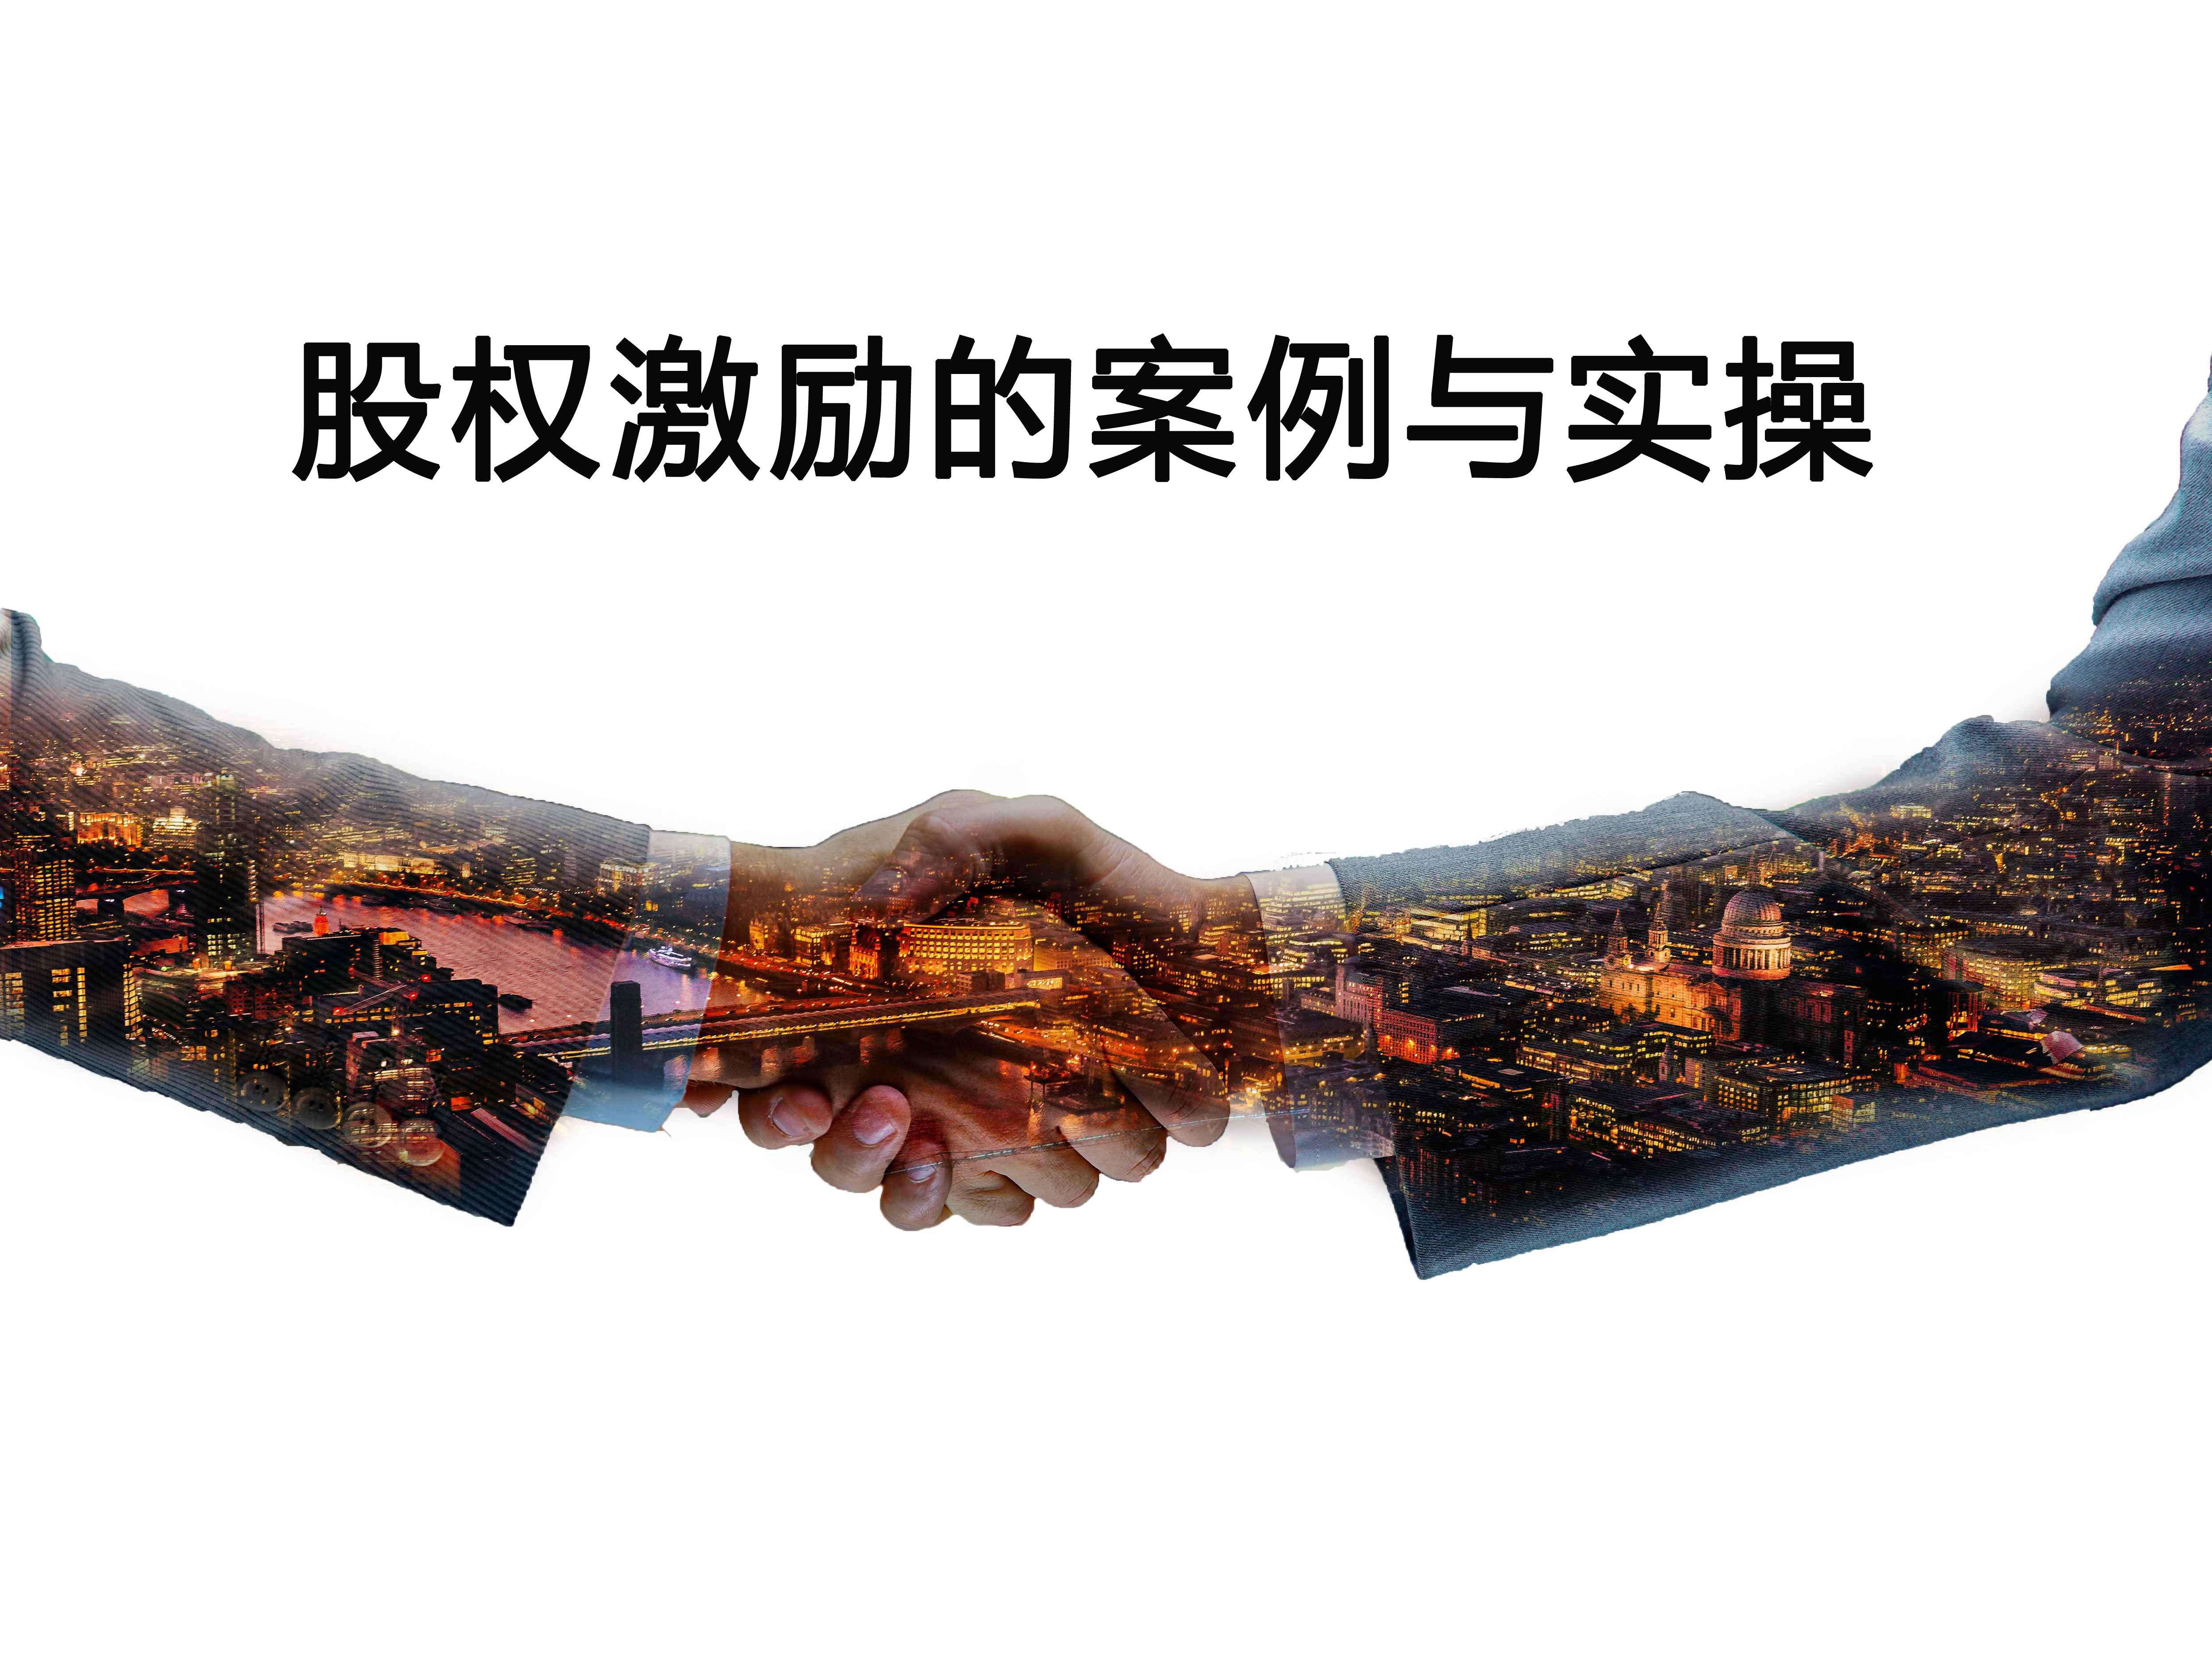 黄泽宇:股权激励的案例与实操